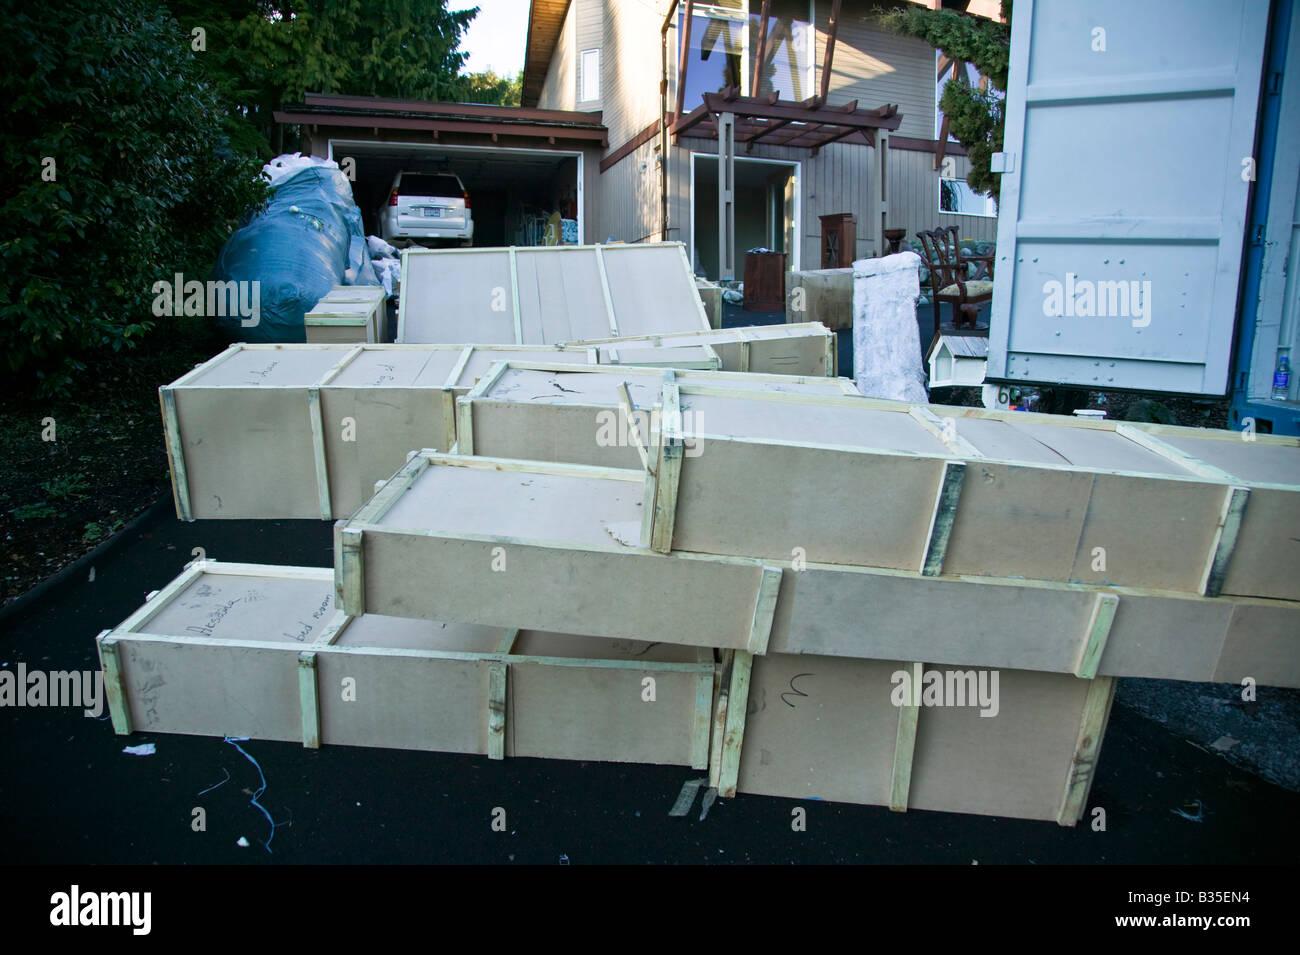 Caisses grand déballage Photo Stock